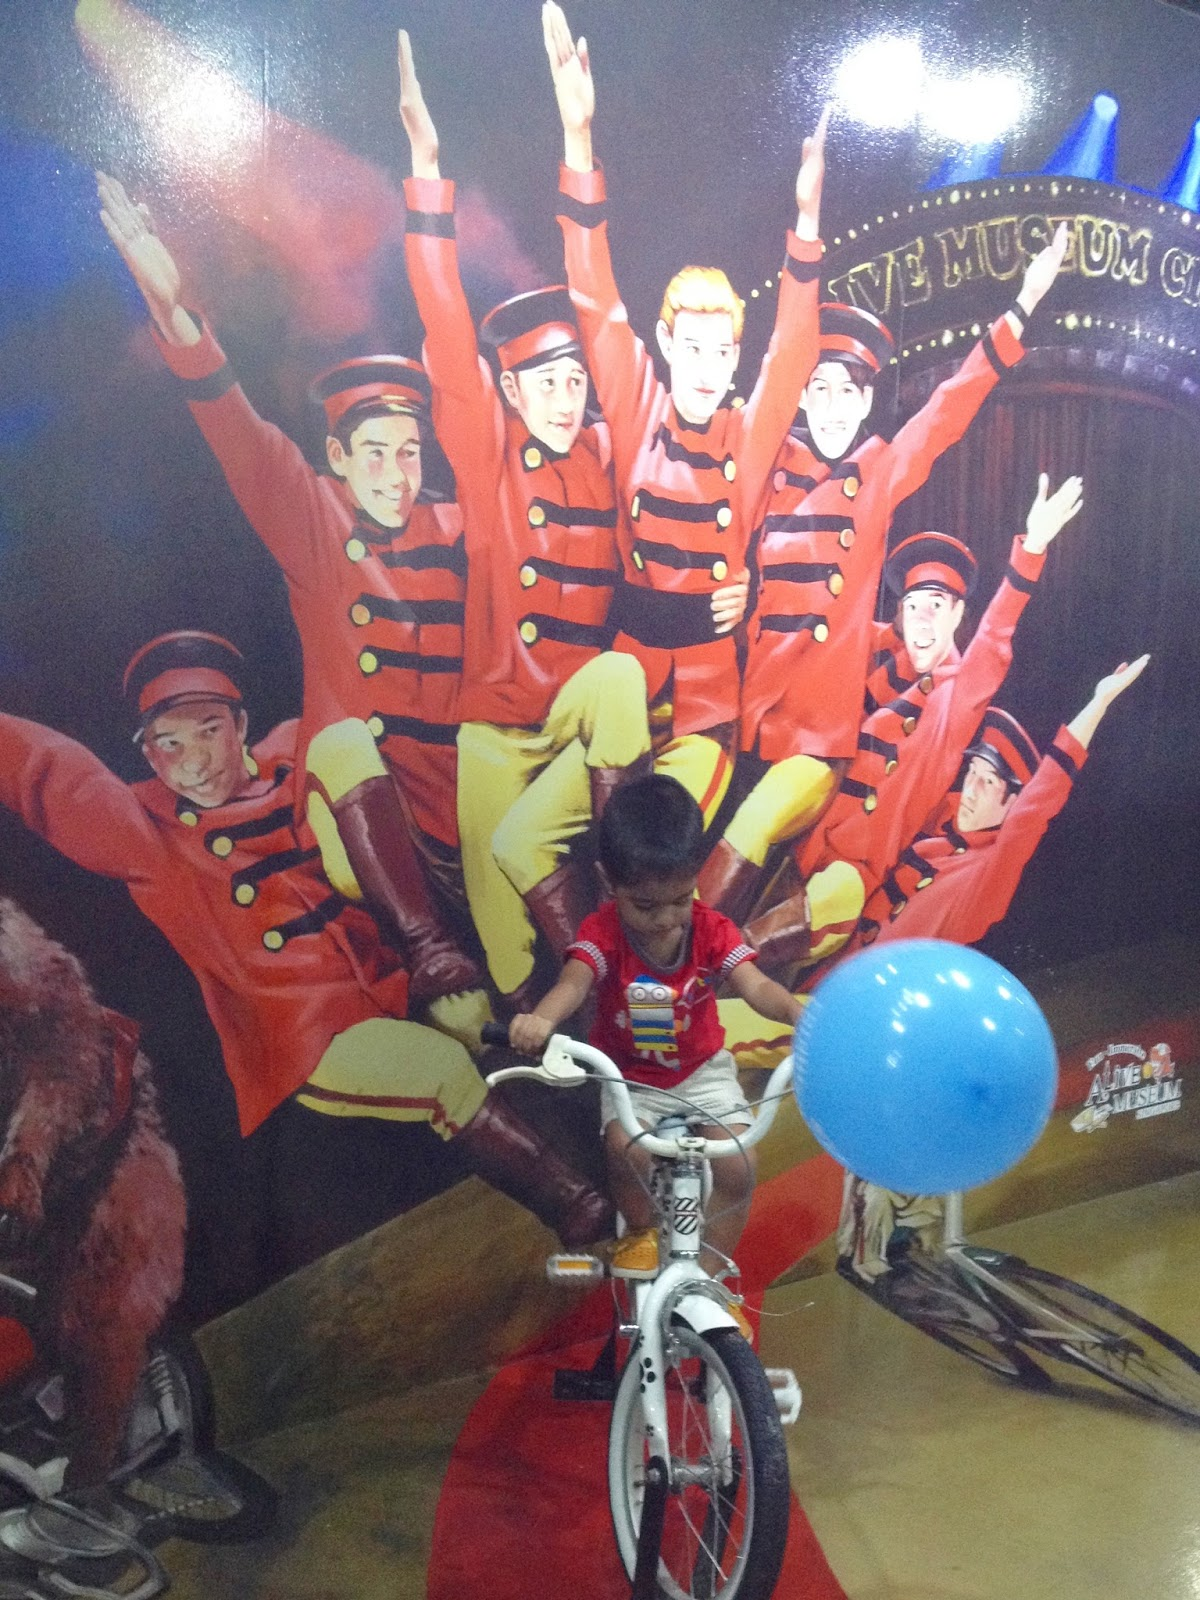 Alive Museum Singapore